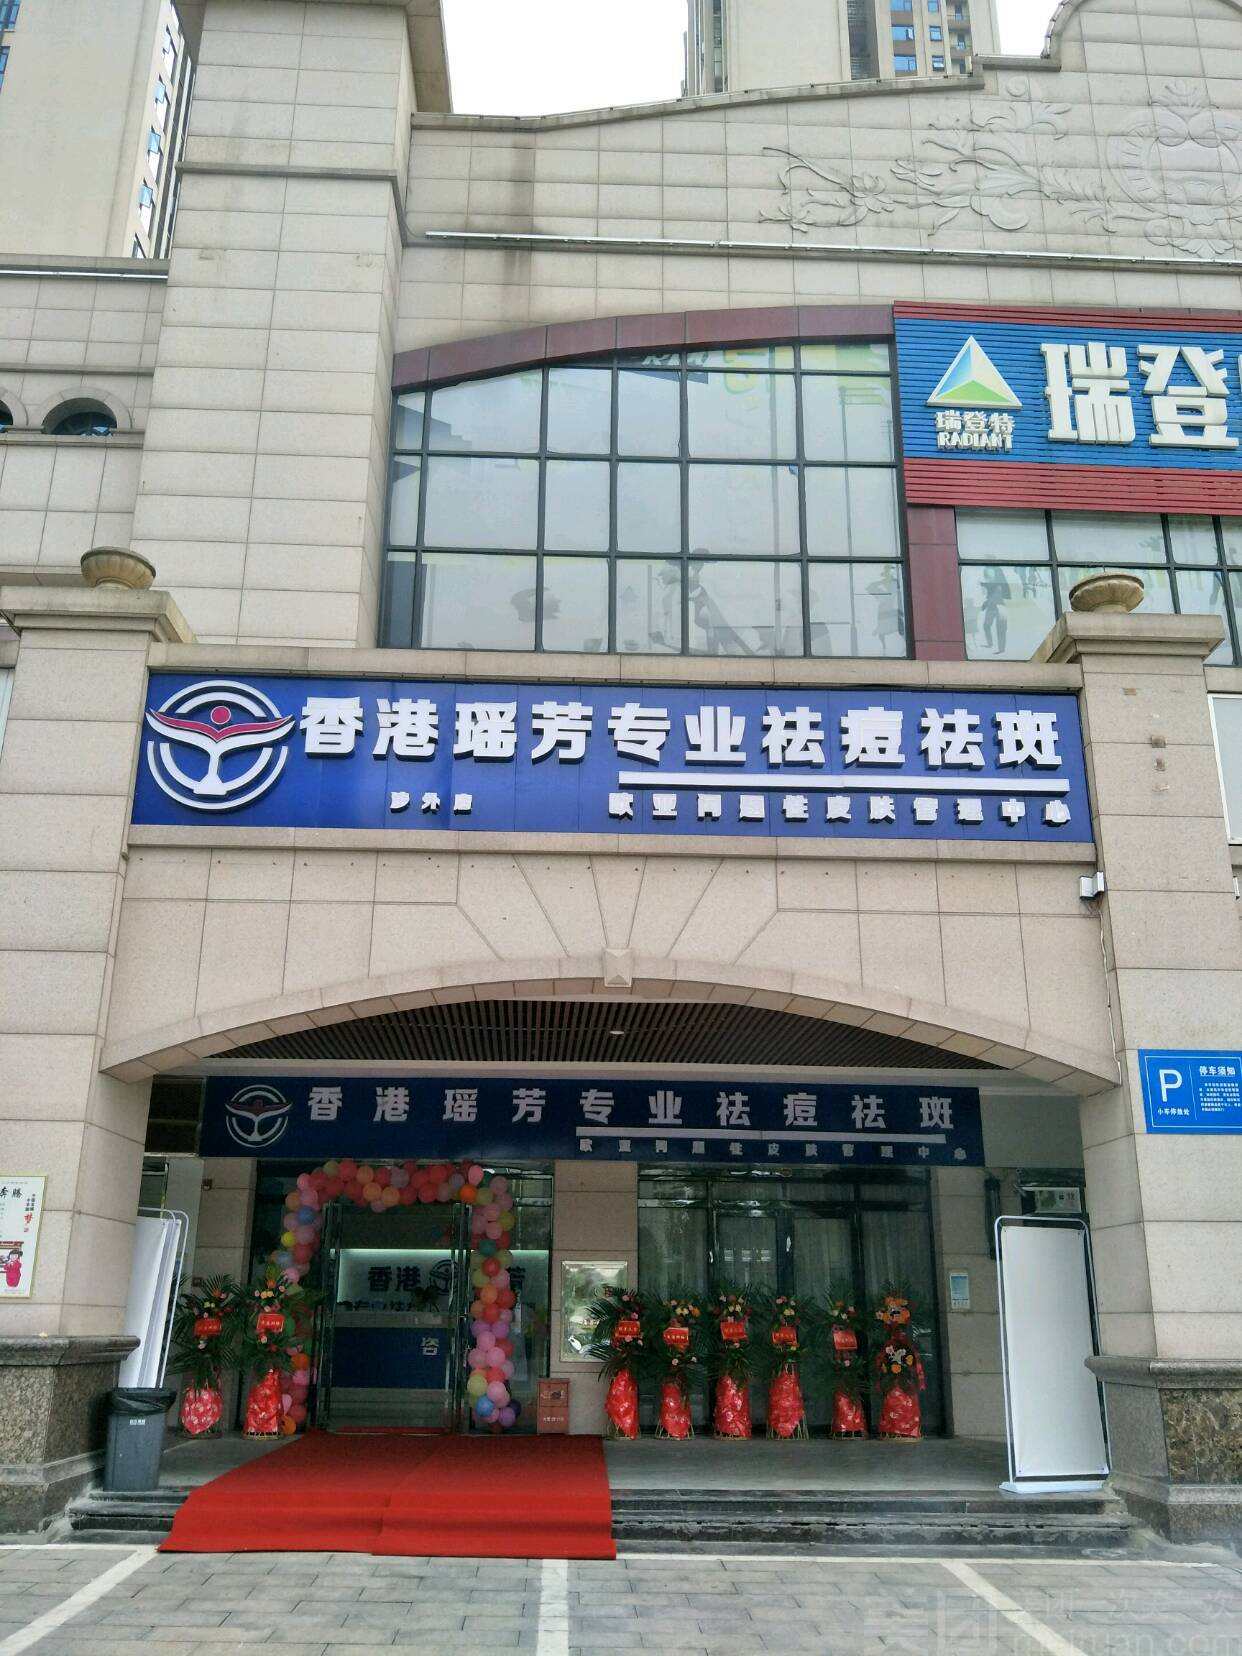 :长沙今日团购:【香港瑶芳专业祛痘祛斑】港式补水套餐